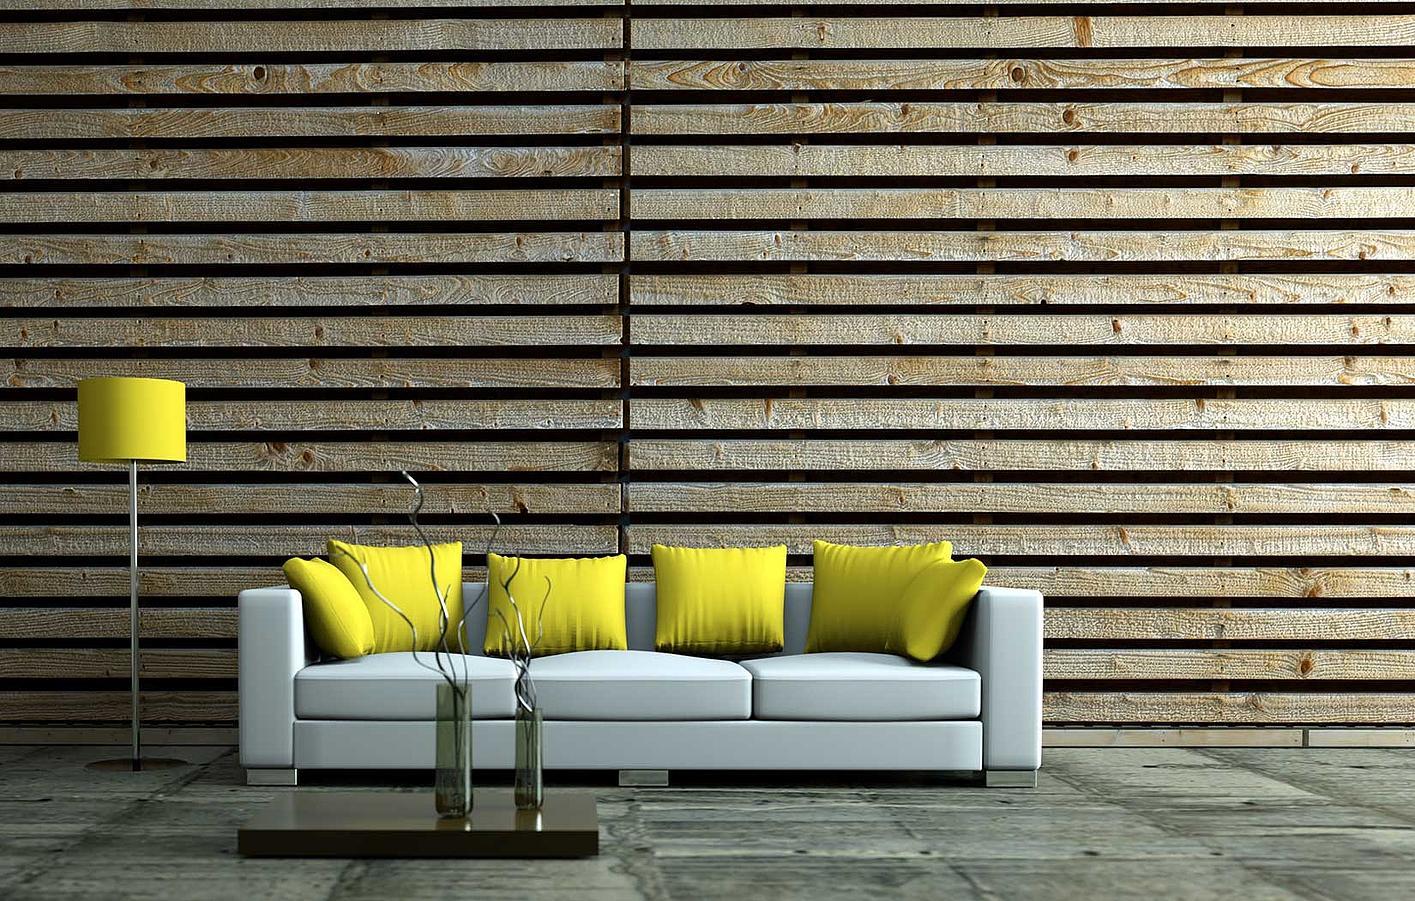 Schaukel Garten Holz mit genial design für ihr haus ideen